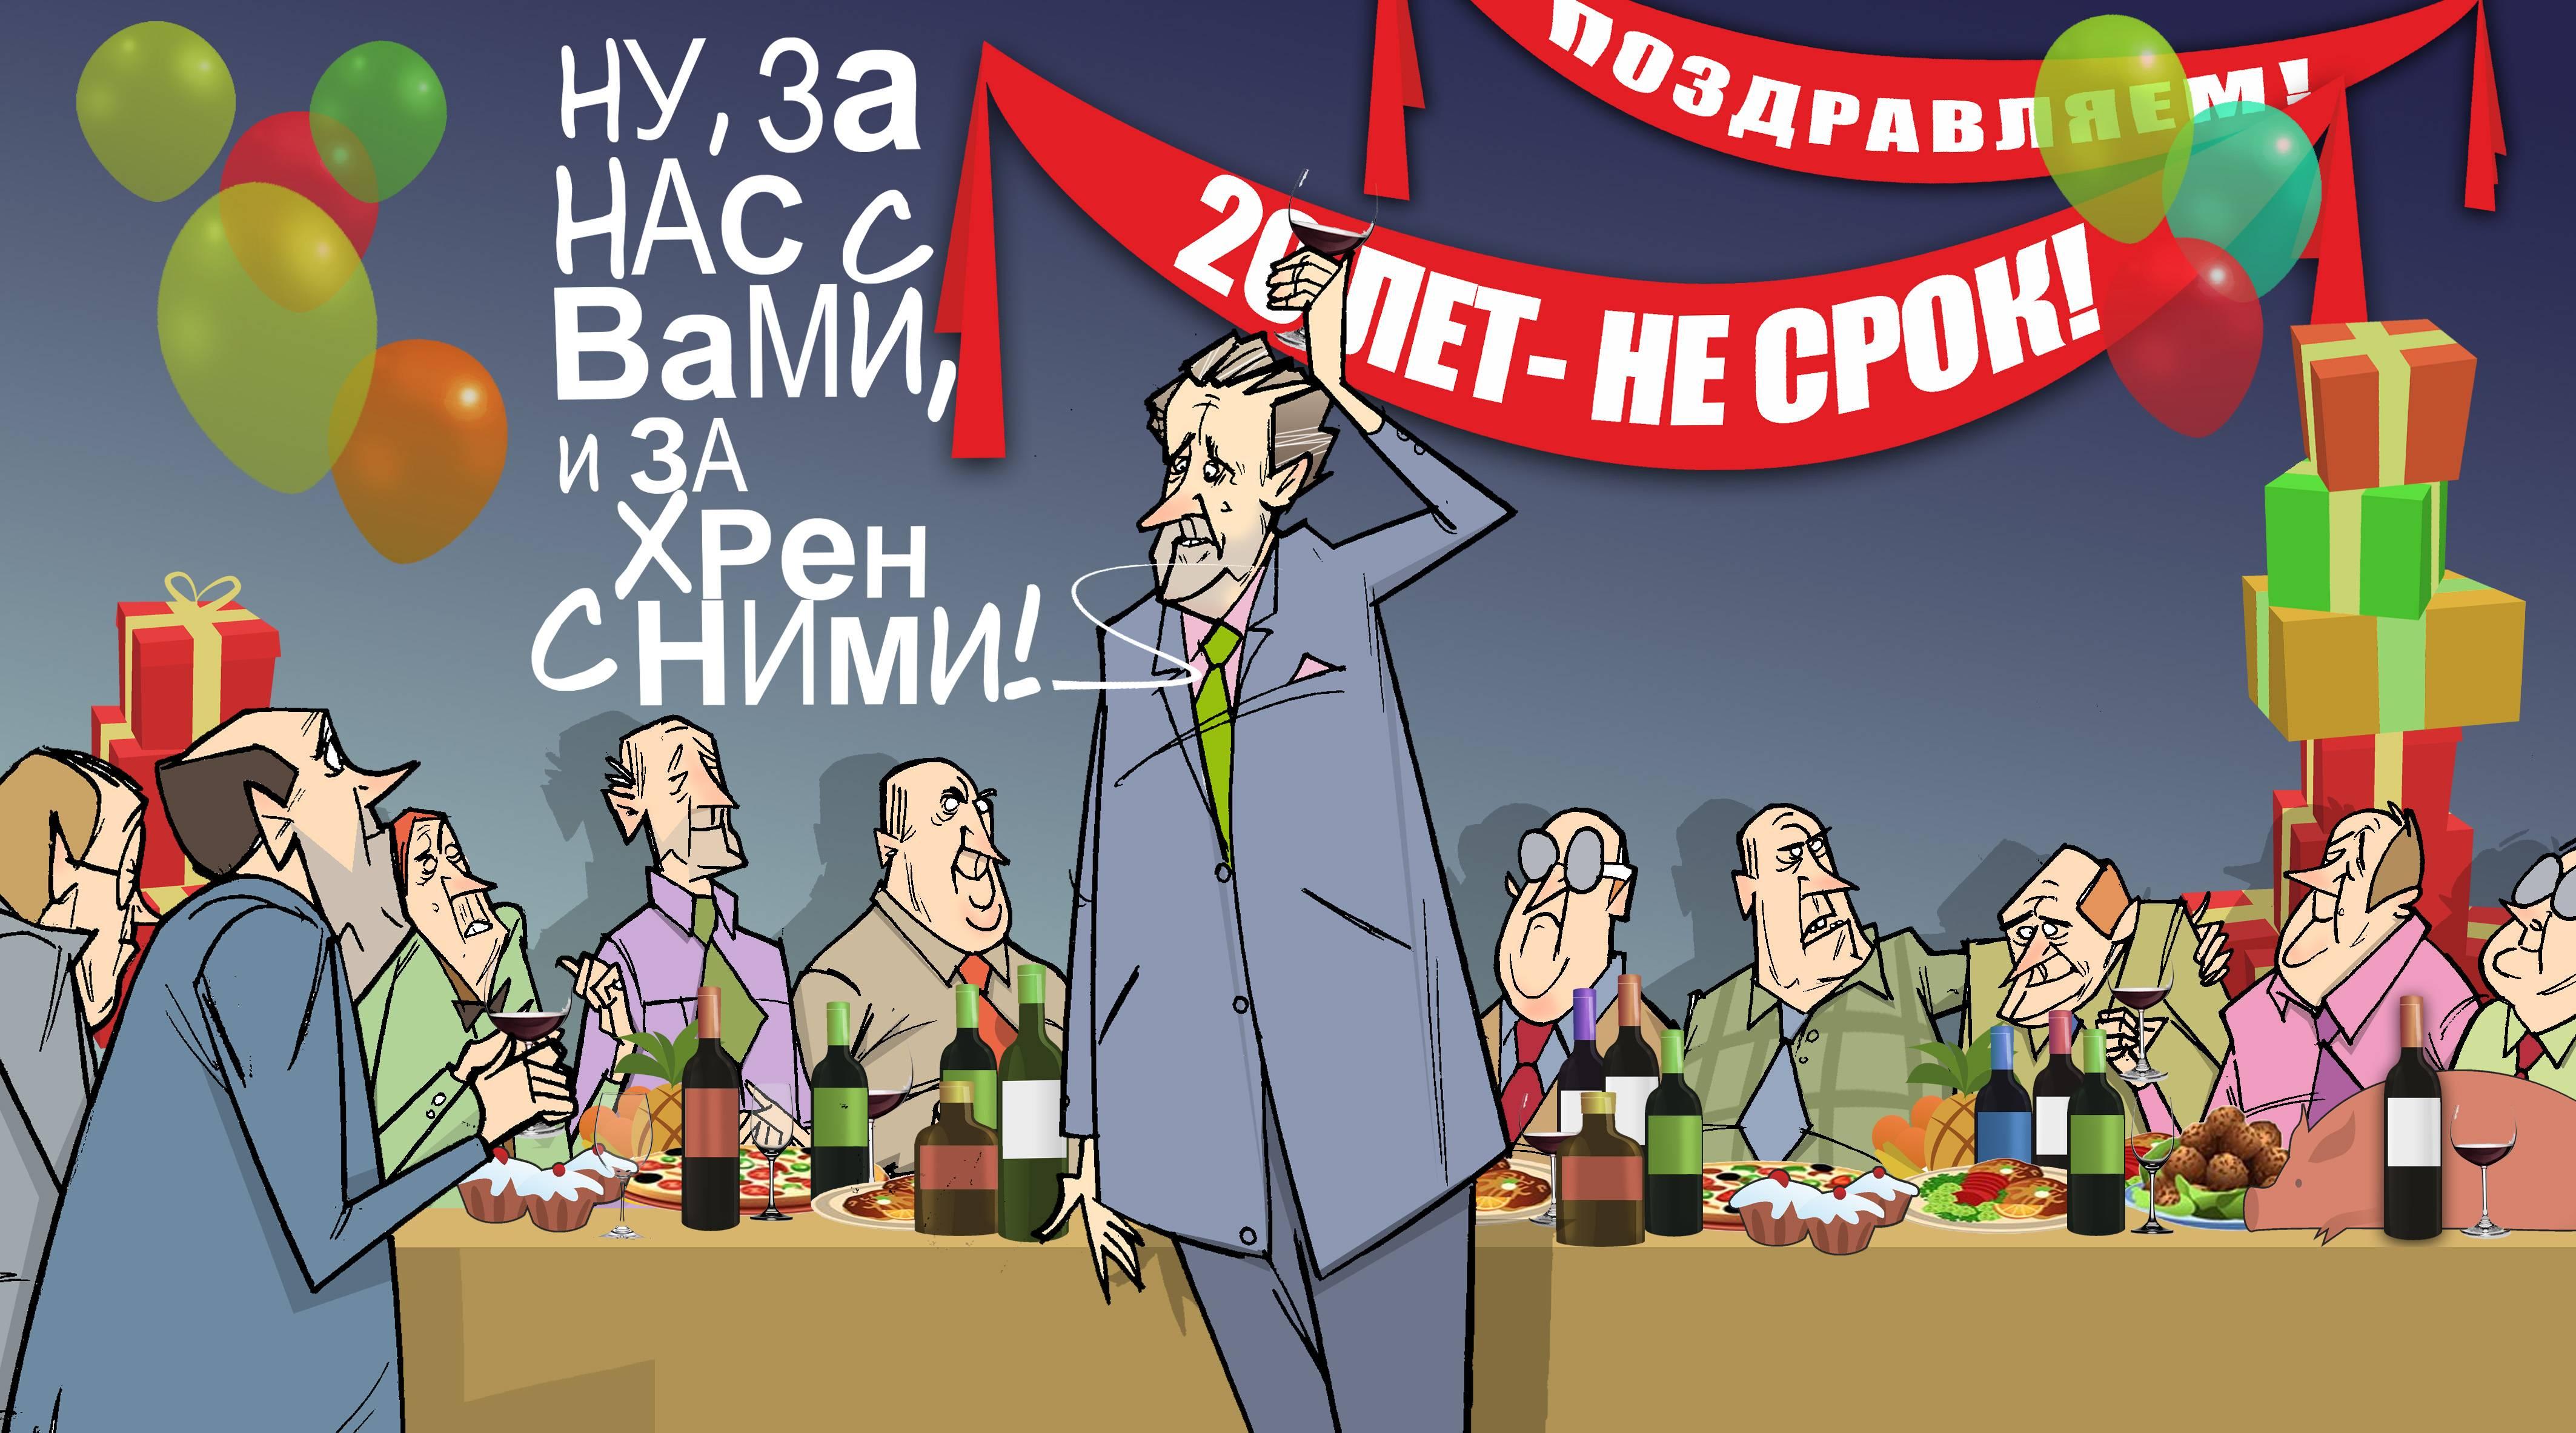 """За нас с вами и за хрен с ними! #ПрезидентУР #Волков © Газета """"День"""" 2013"""